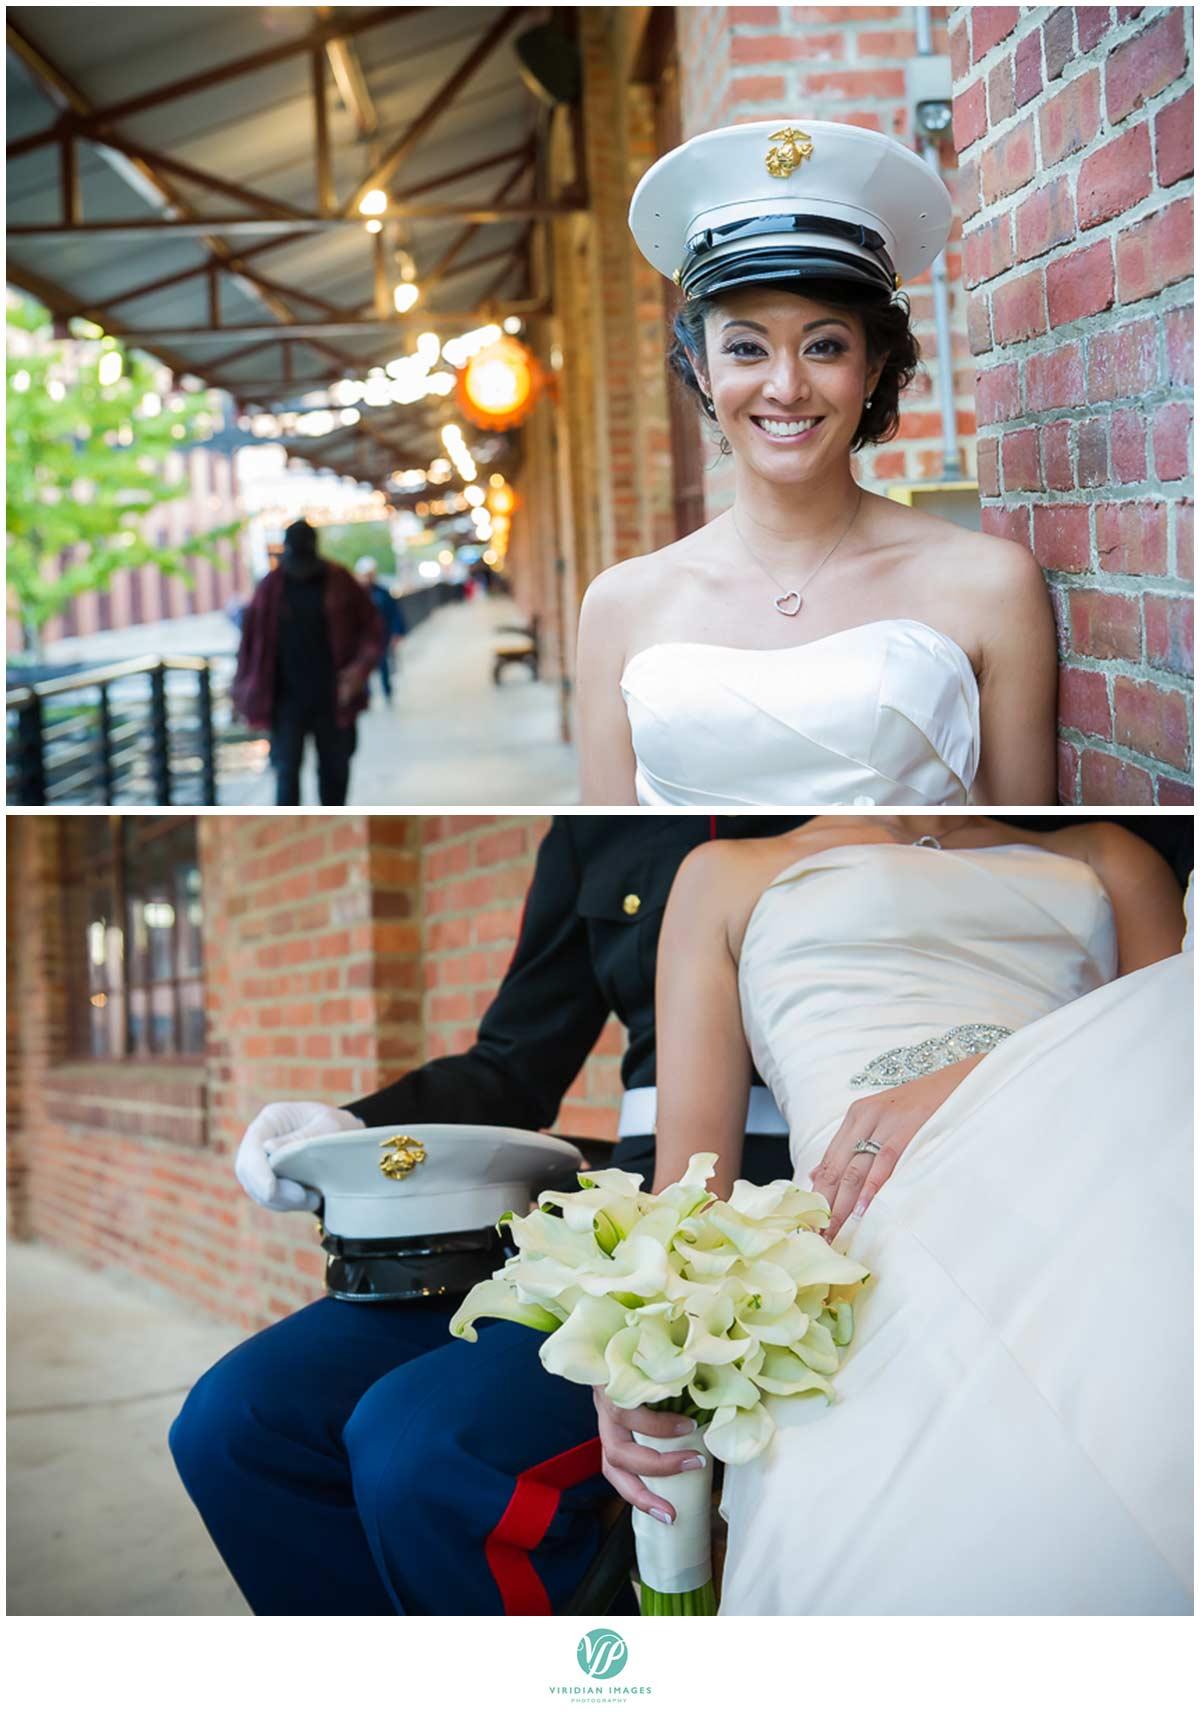 Durham_Wedding_Viridian_Images_photo_16